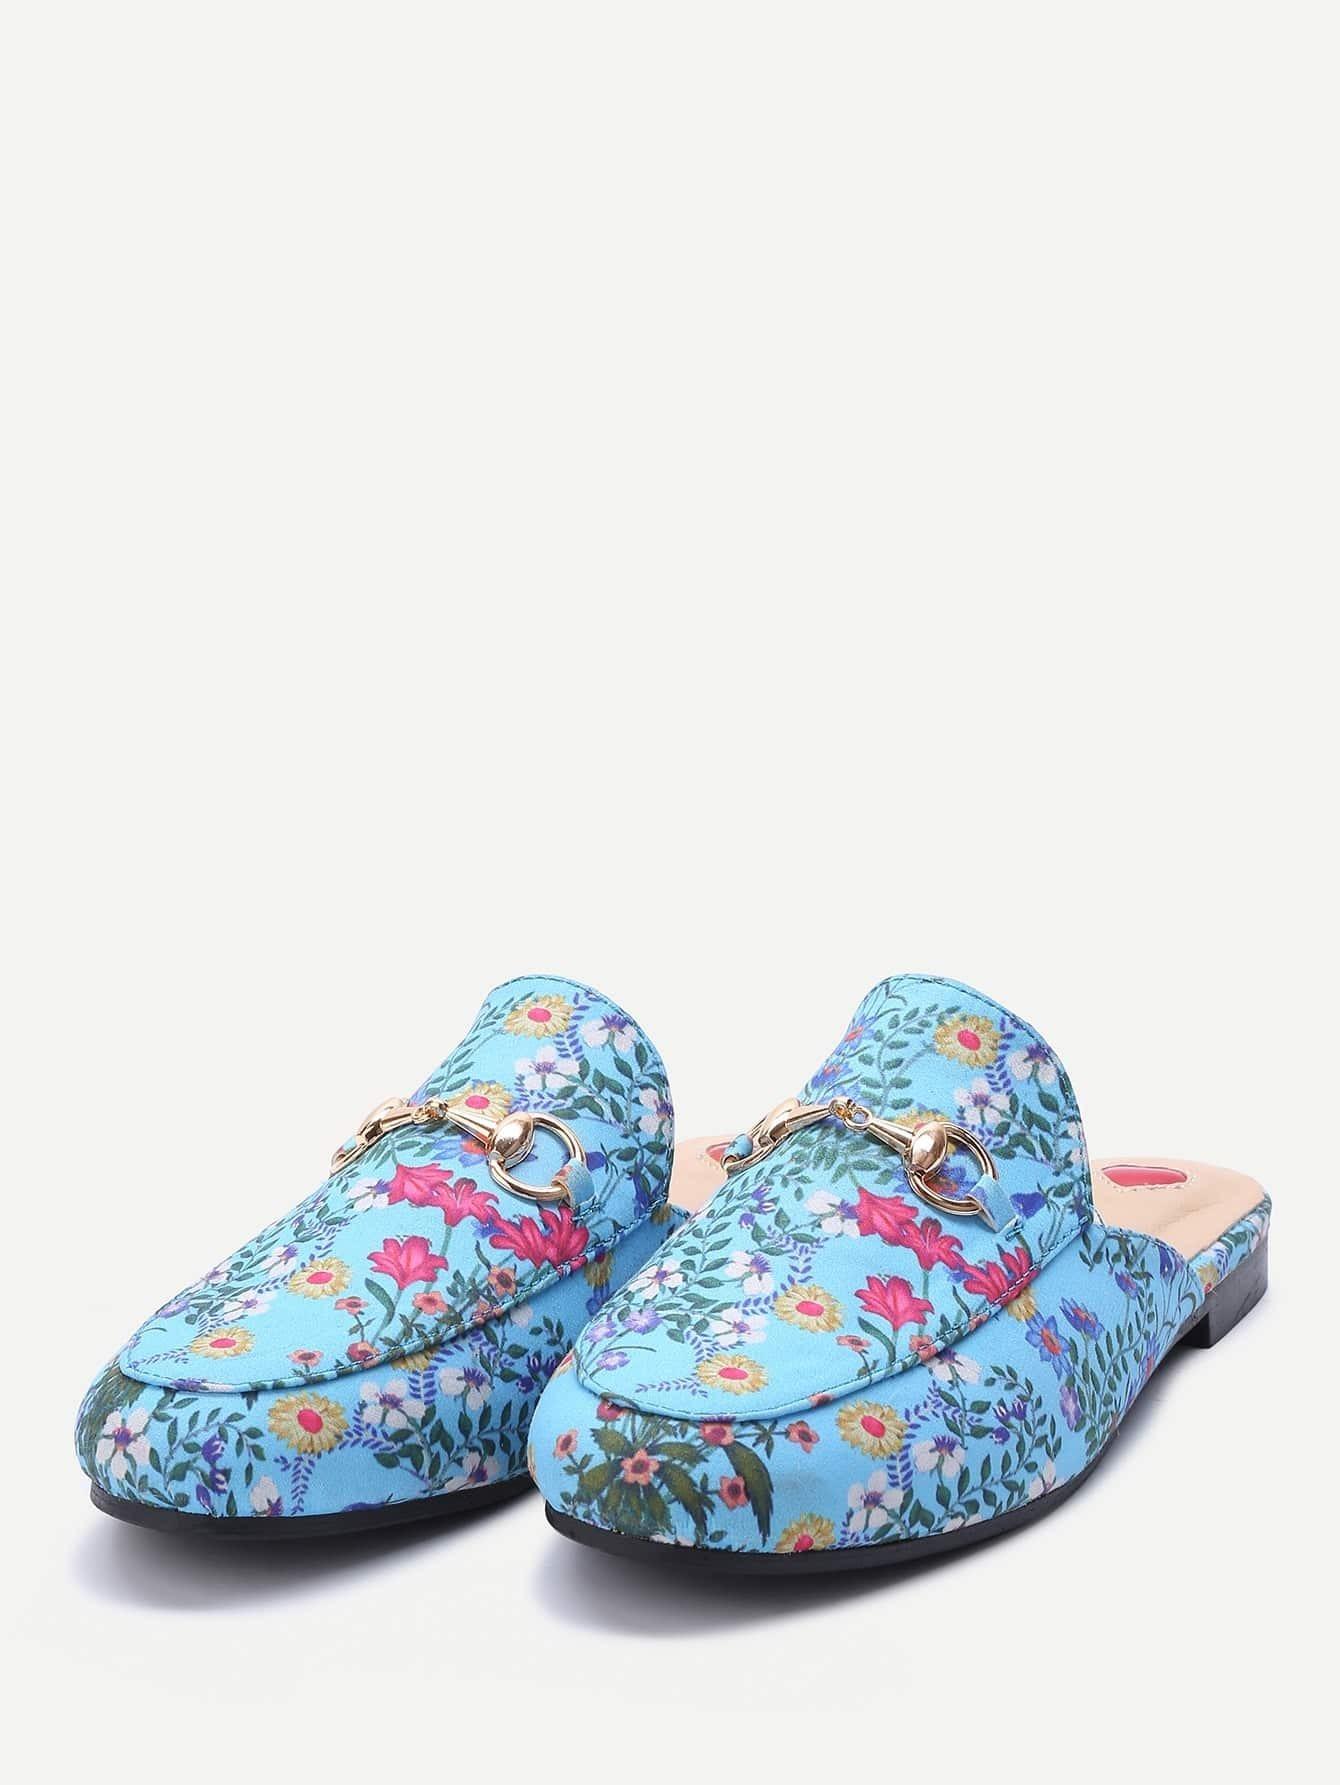 shoes170307810_2